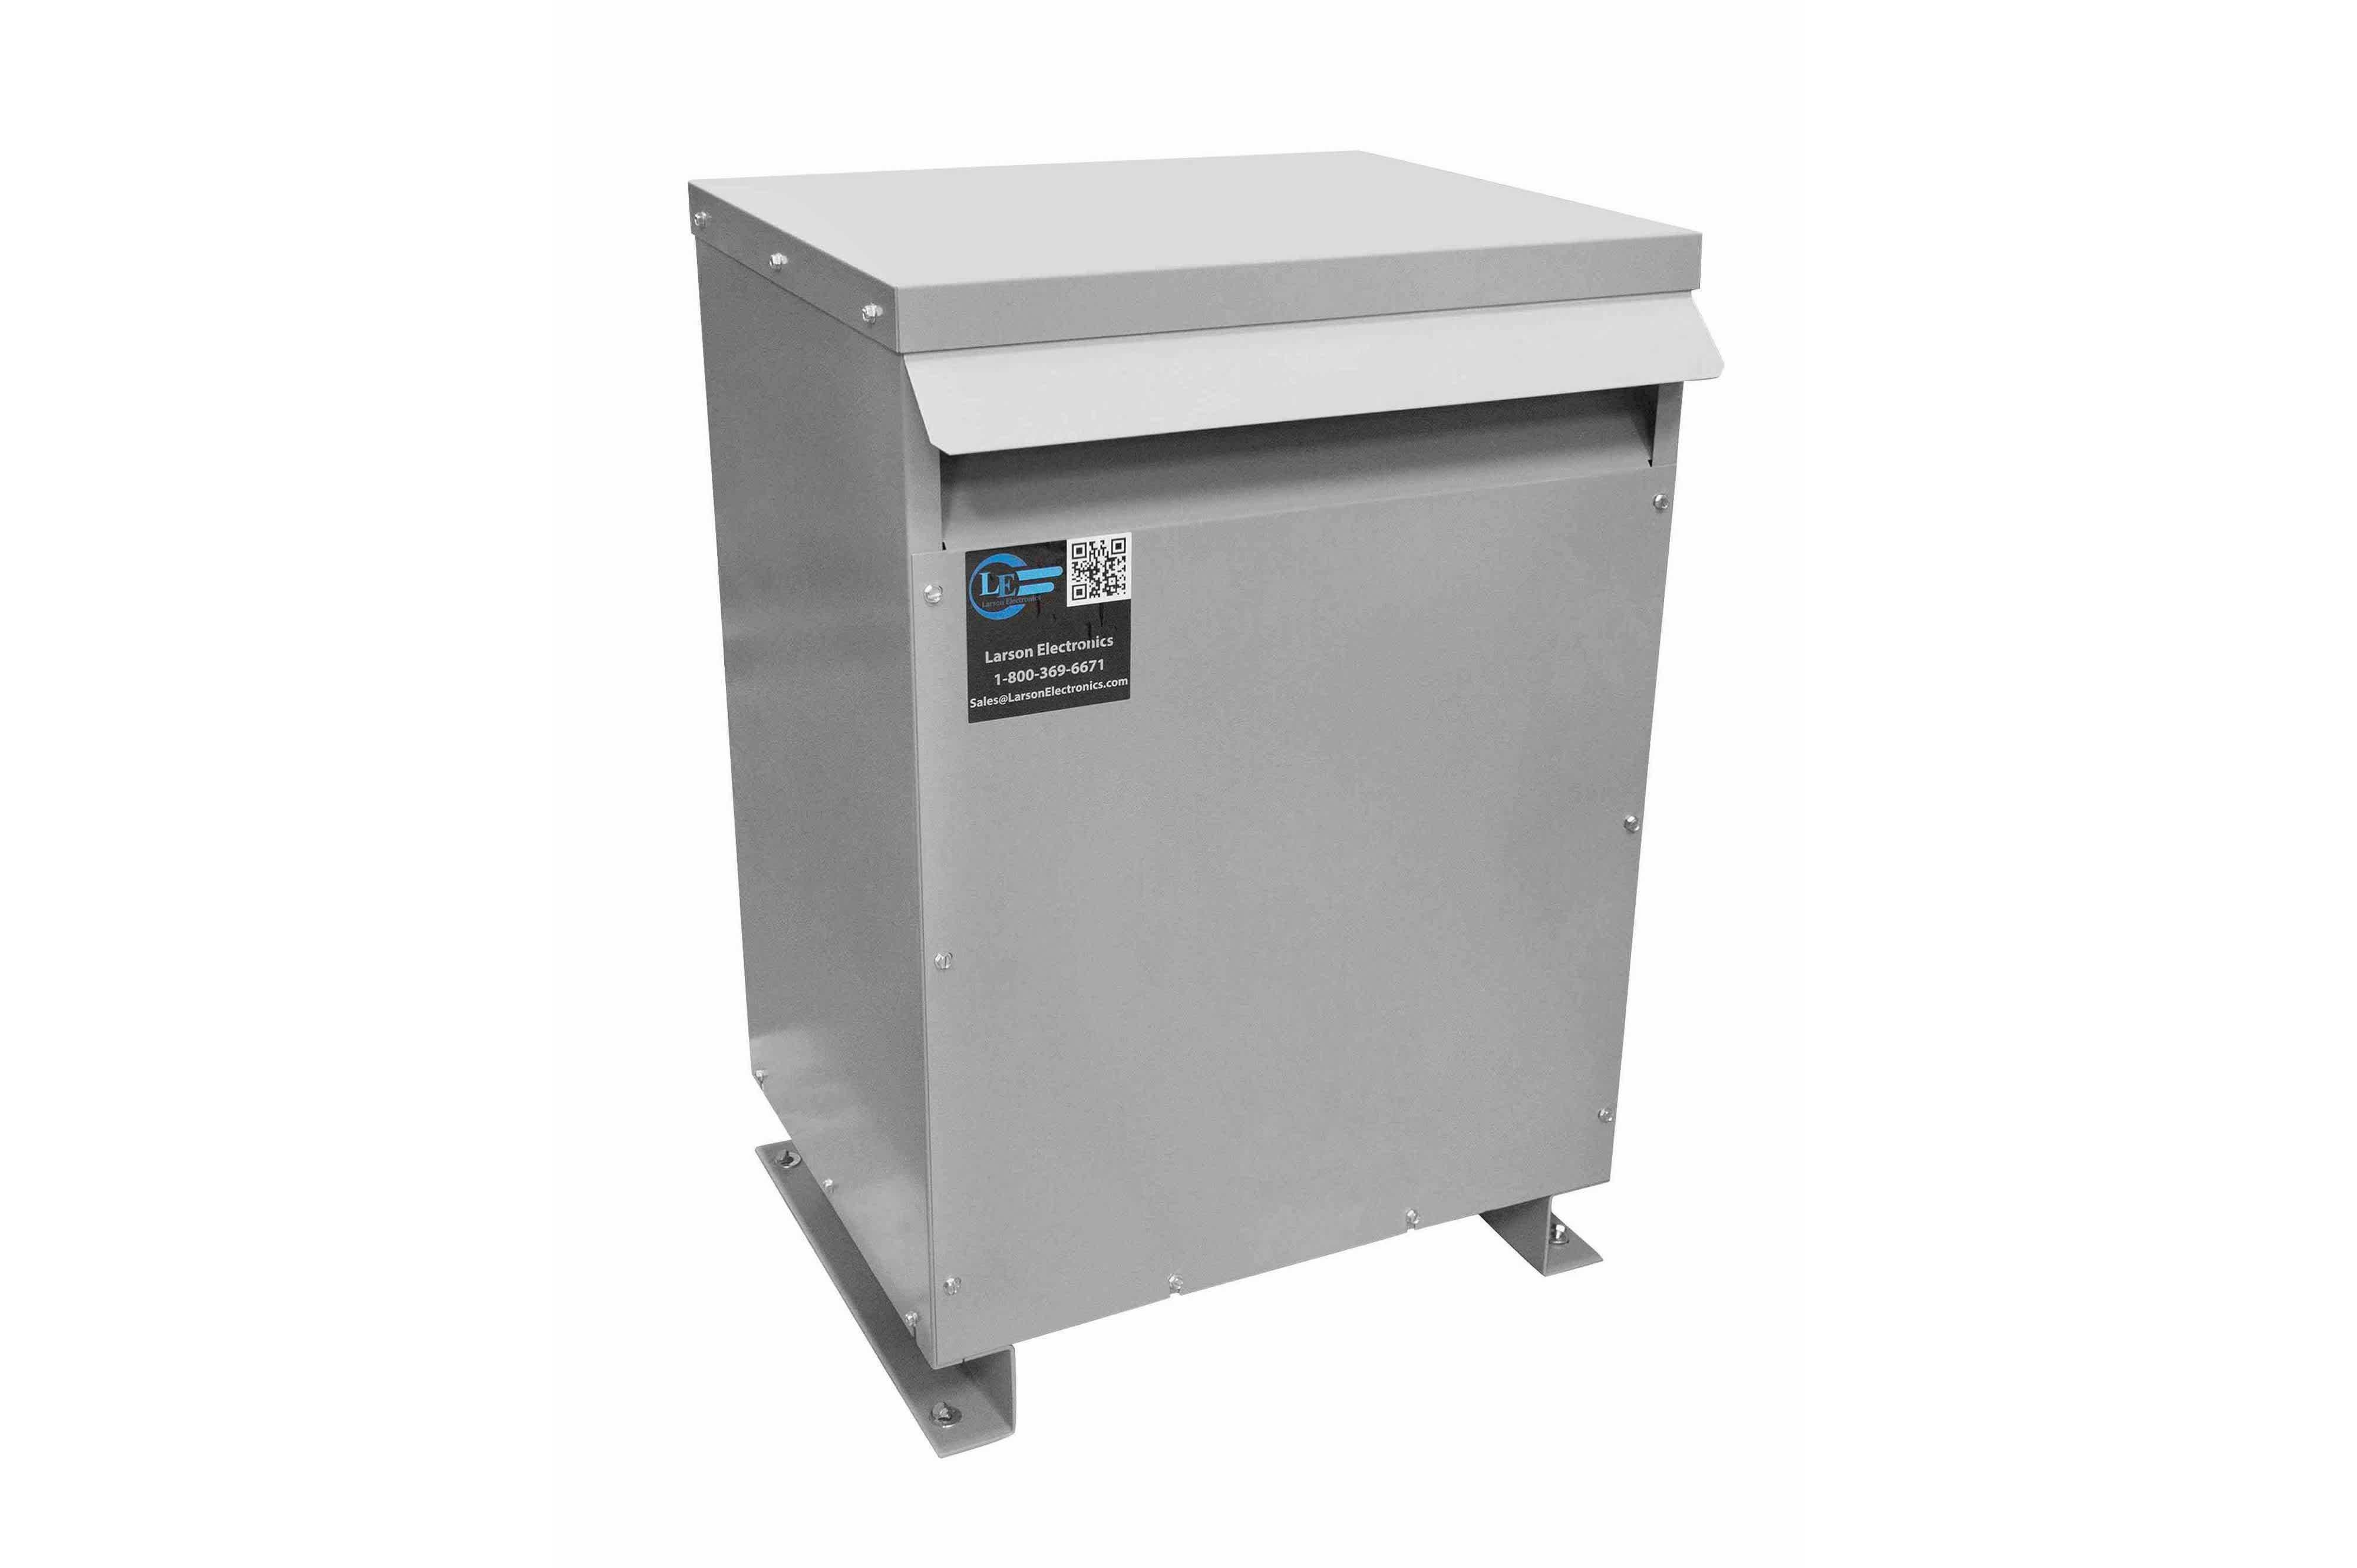 12 kVA 3PH DOE Transformer, 600V Delta Primary, 240V/120 Delta Secondary, N3R, Ventilated, 60 Hz